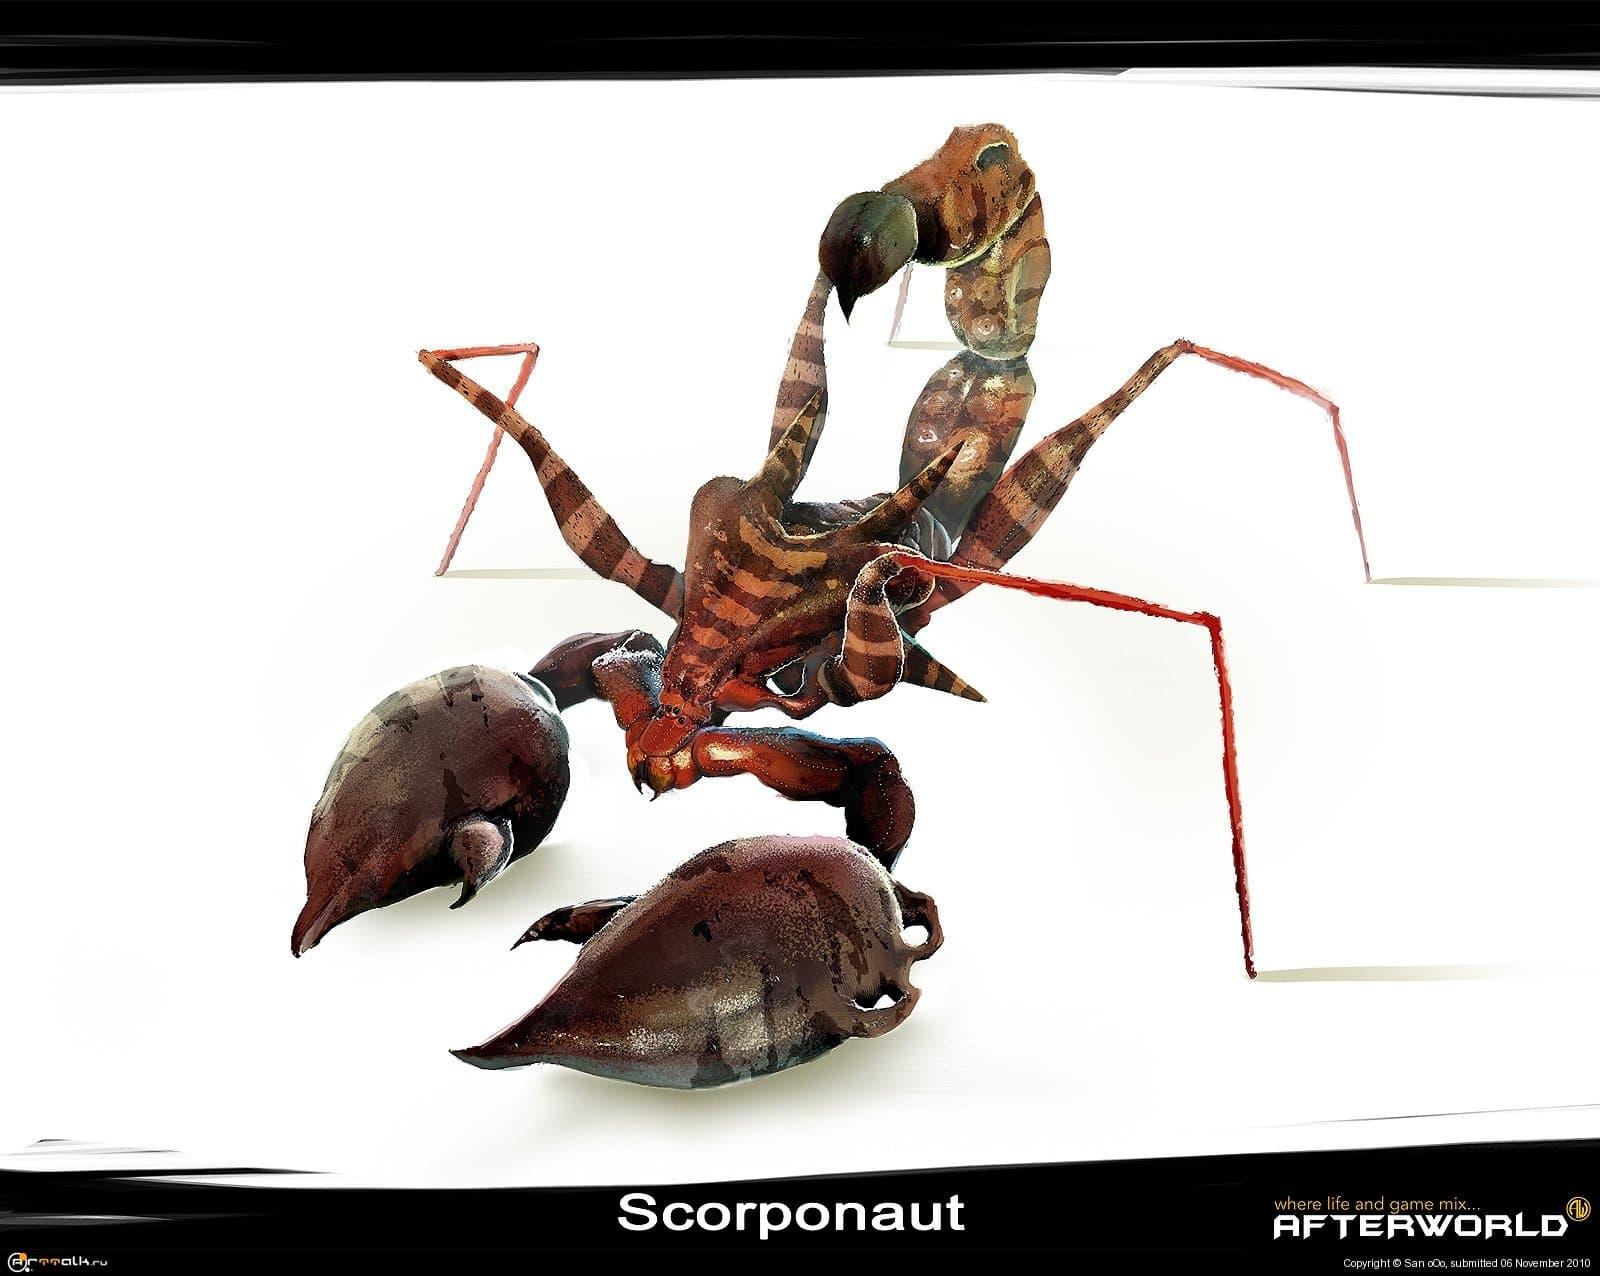 Scorponaut